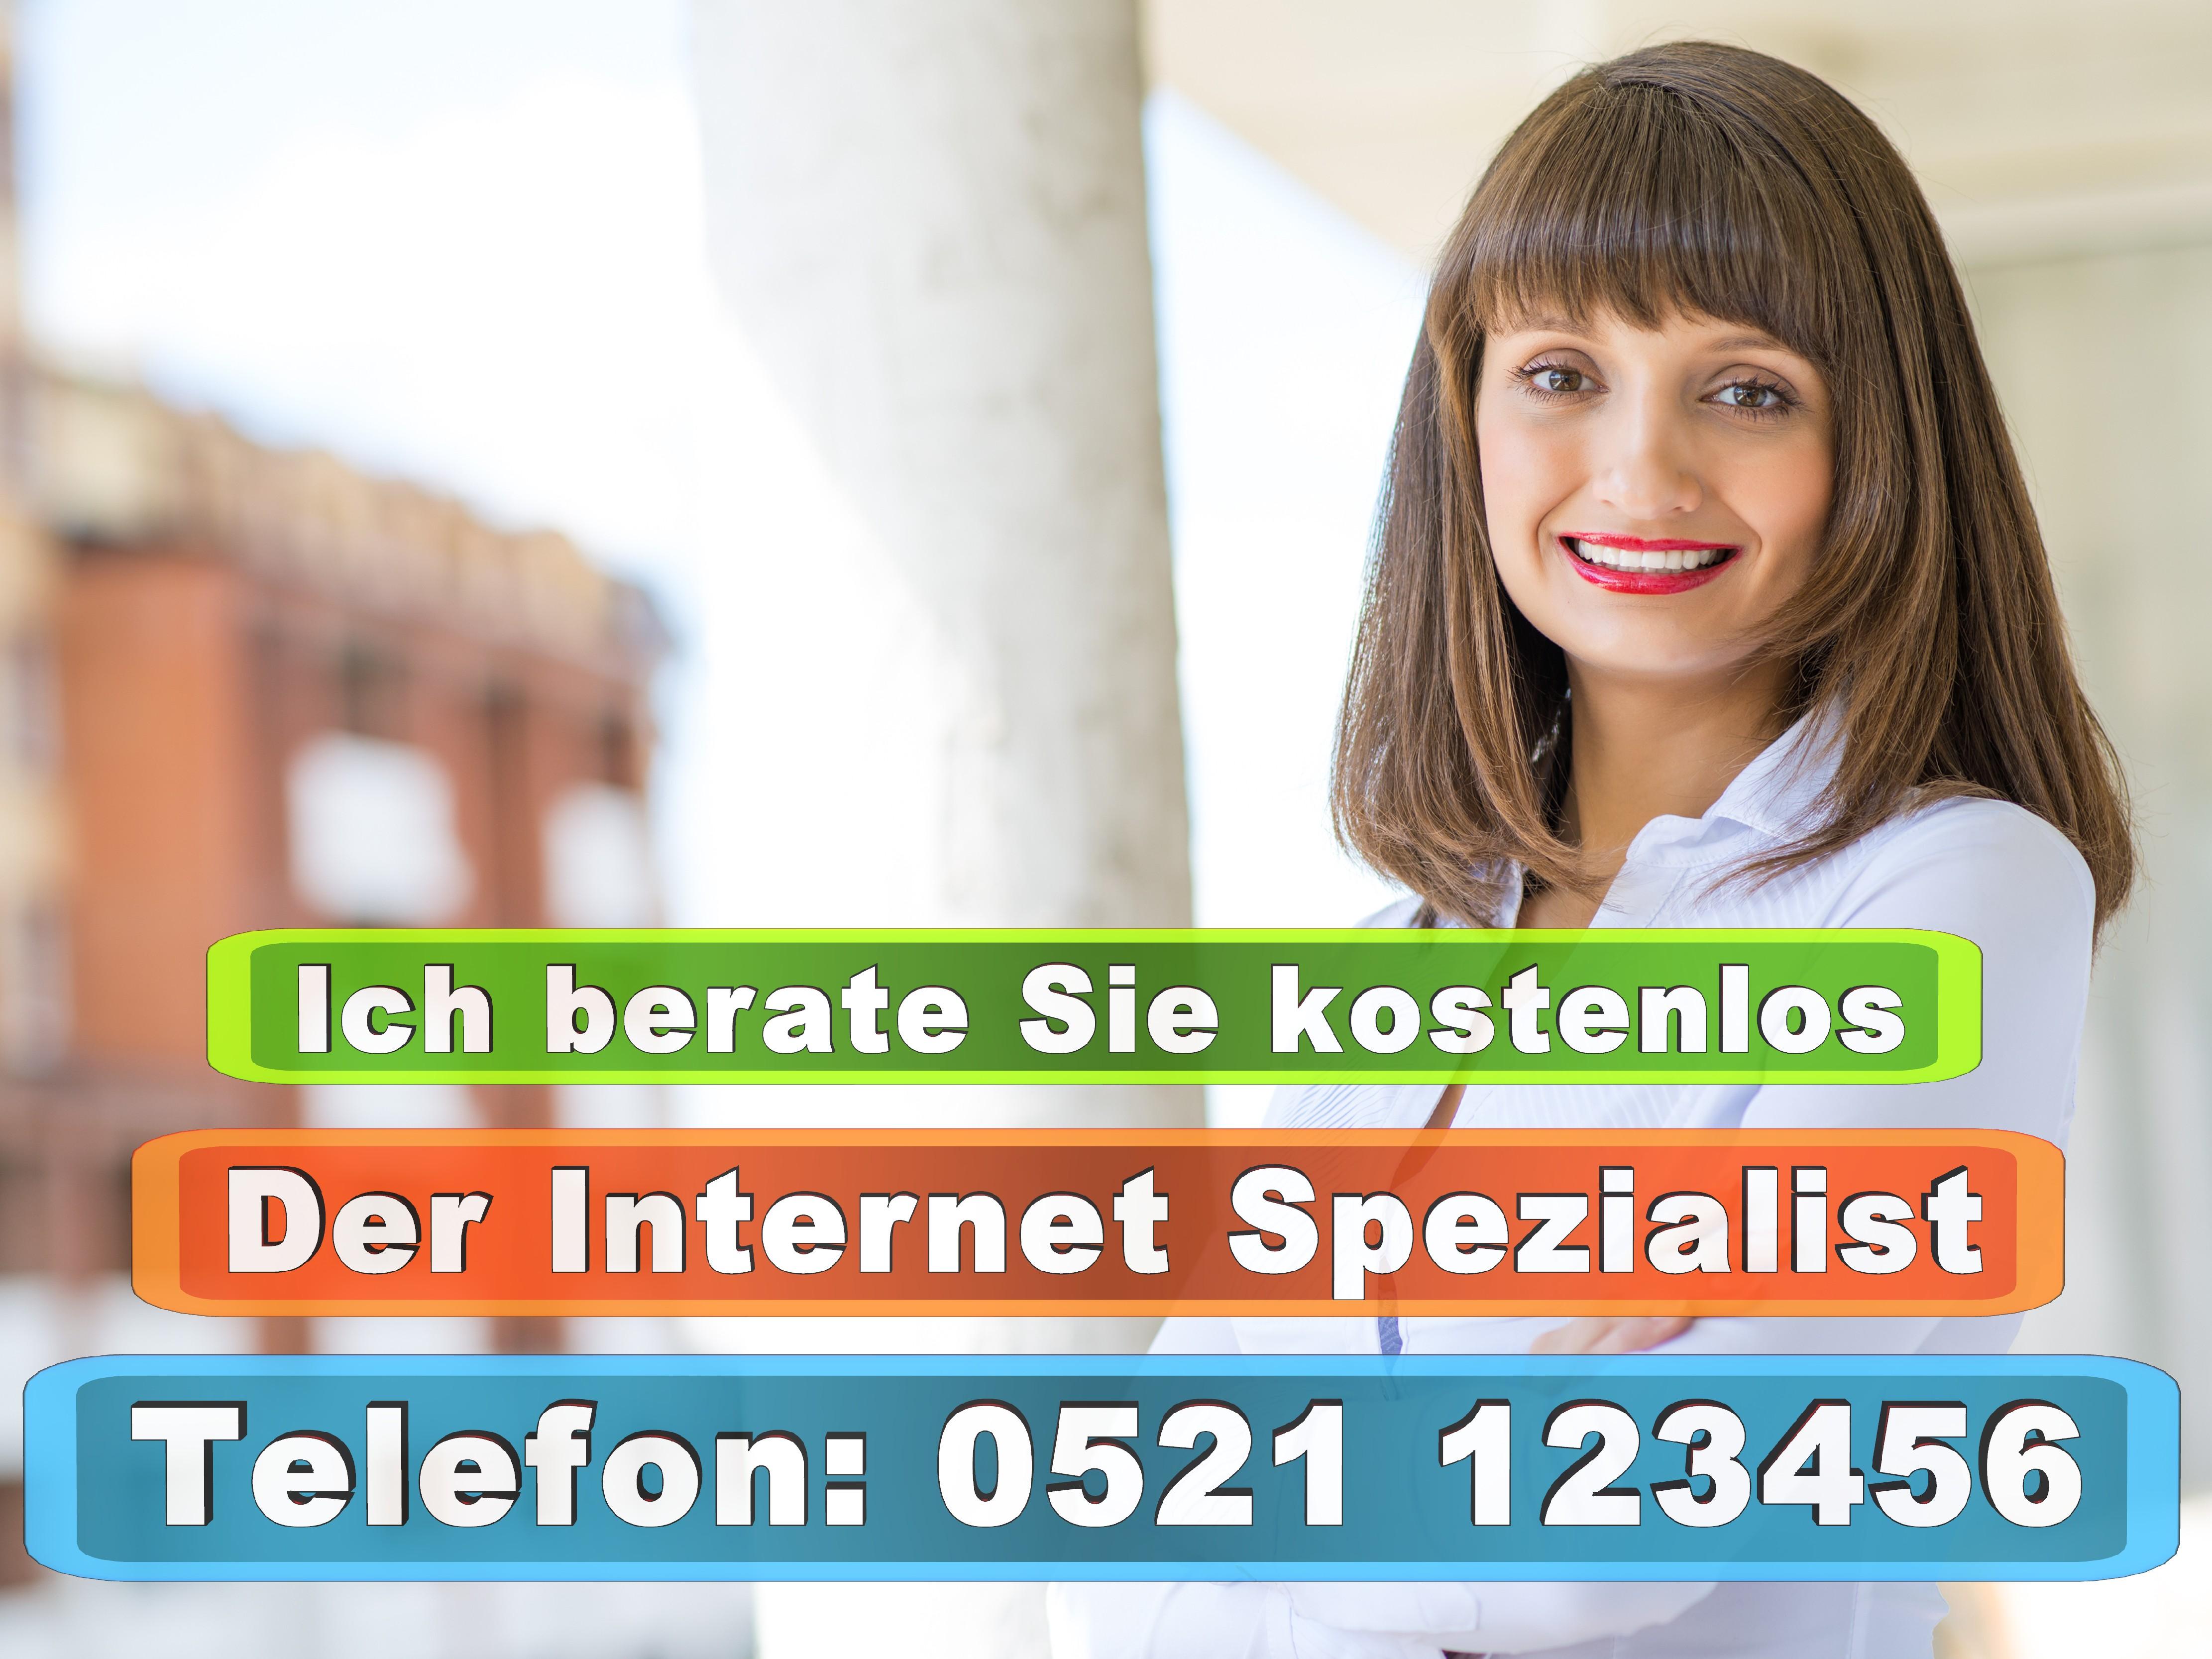 Steuerberater Bielefeld Rechtsanwalt Bielefeld Hausverwaltung Bielefeld Immobilien Bielefeld Architekt Bielefeld Büro Versicherungen (23)